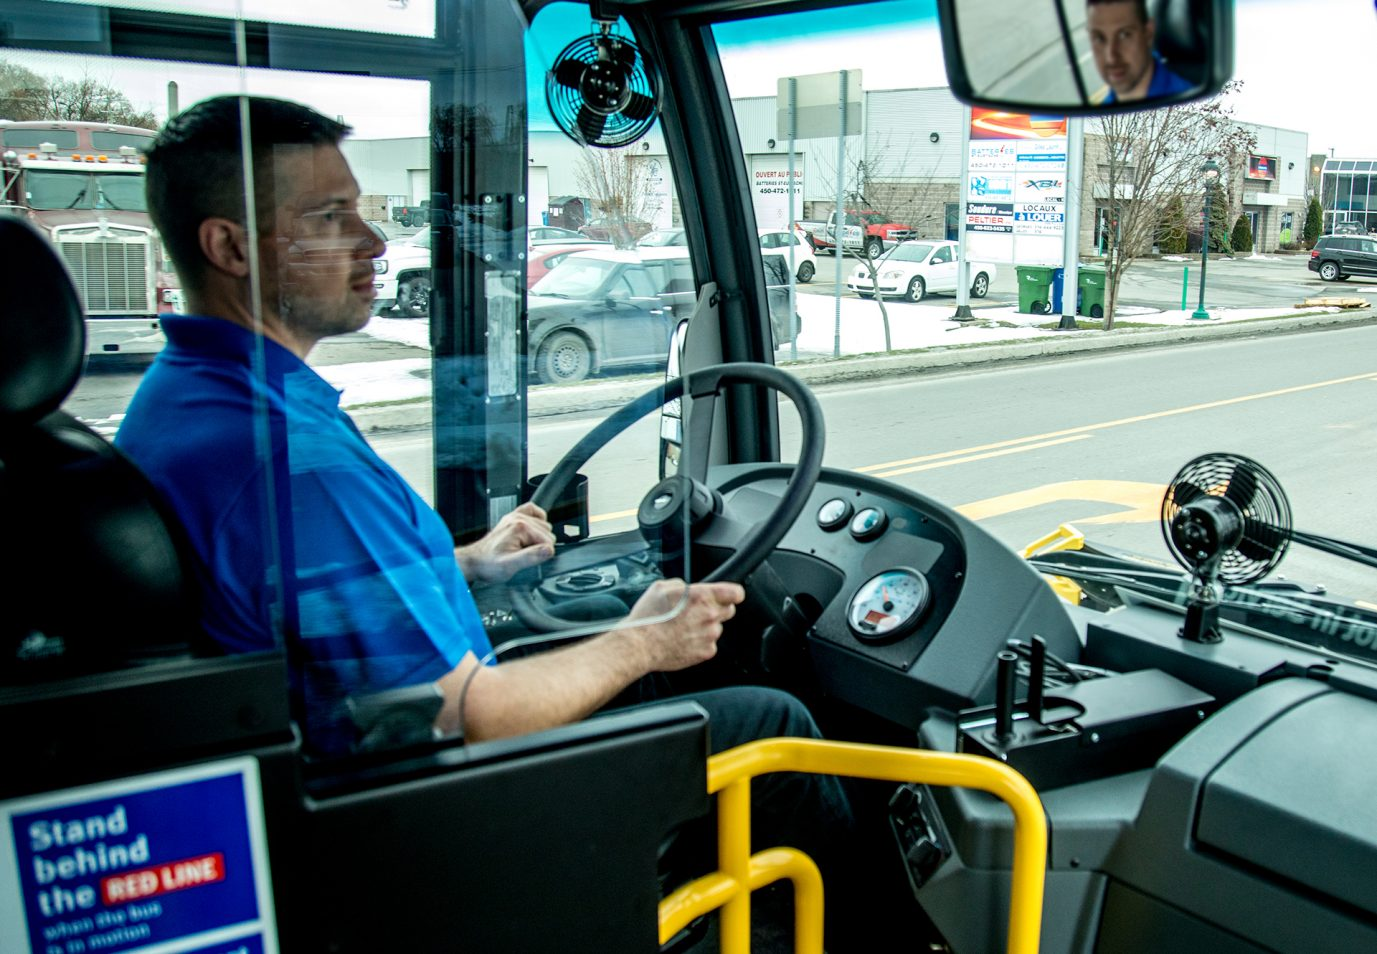 Nova Bus propose de nouveaux produits pour promouvoir la sécurité et la propreté à bord de ses véhicules de transport en commun alors que les opérations dans les sites reprennent progressivement durant la pandémie de la Covid-19